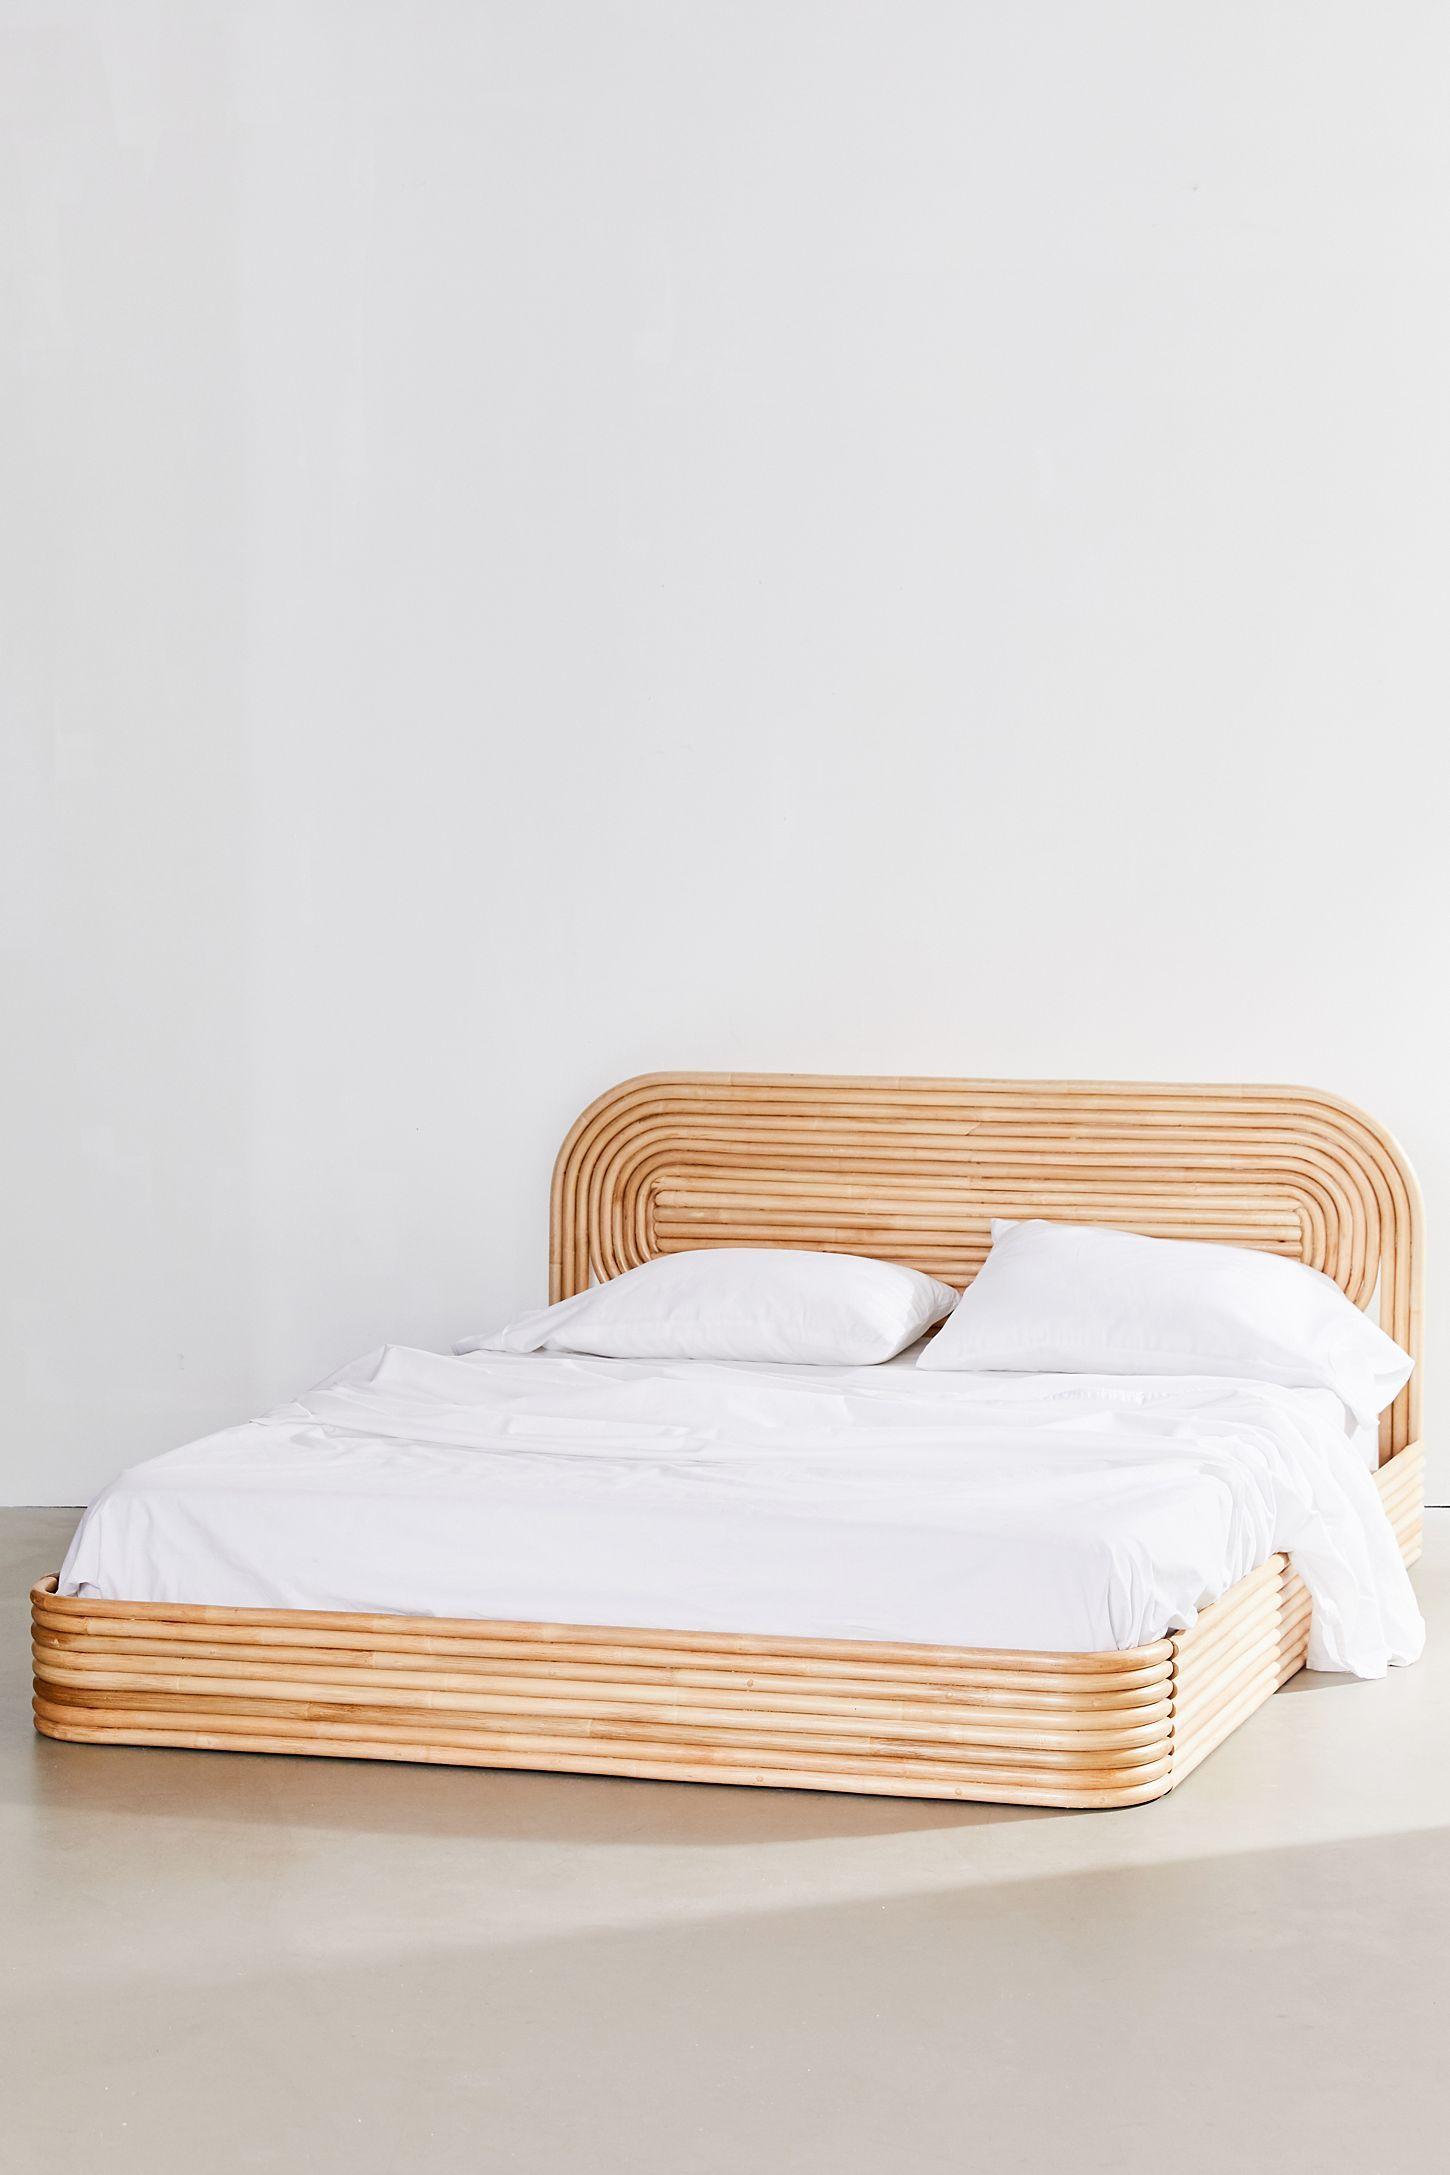 Ria Rattan Bed   Rattan bed, Rattan bed frame, Boho bed frame